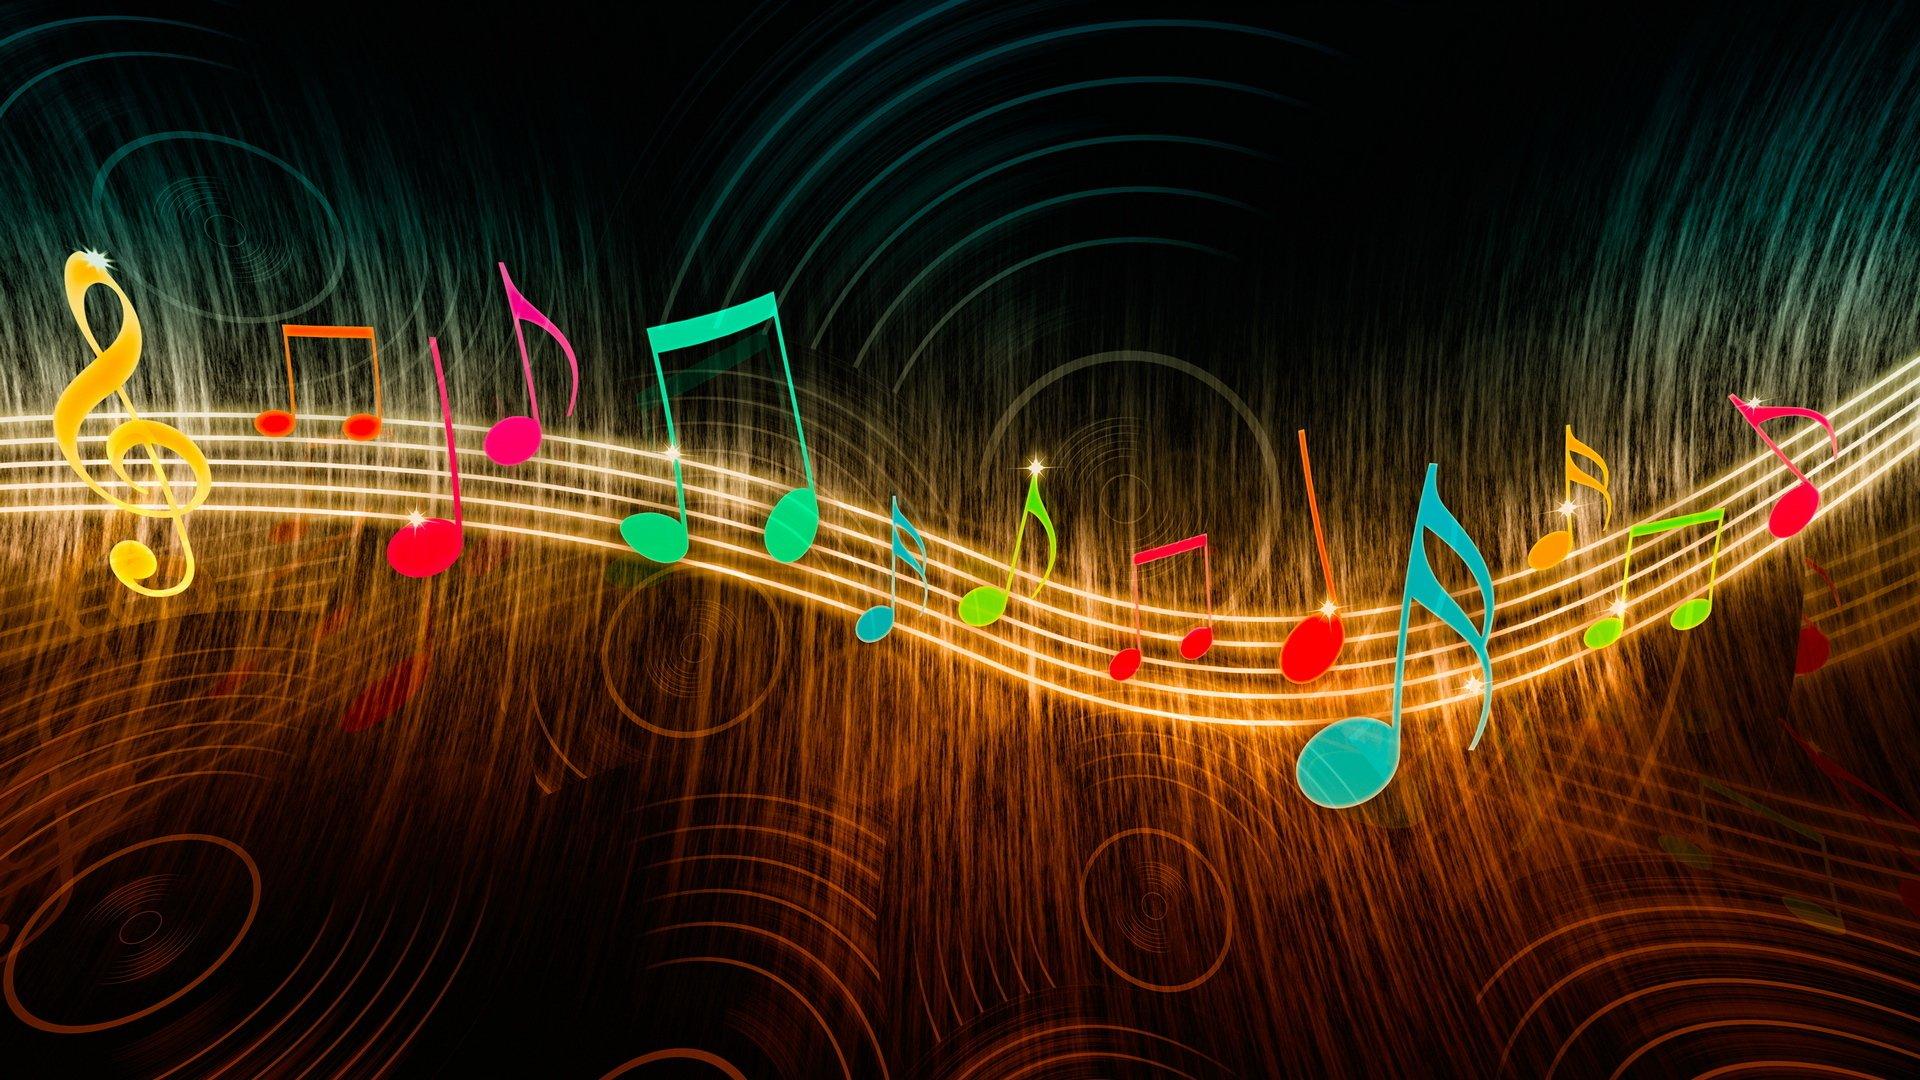 Programa para editar fotos con musica de fondo gratis 71